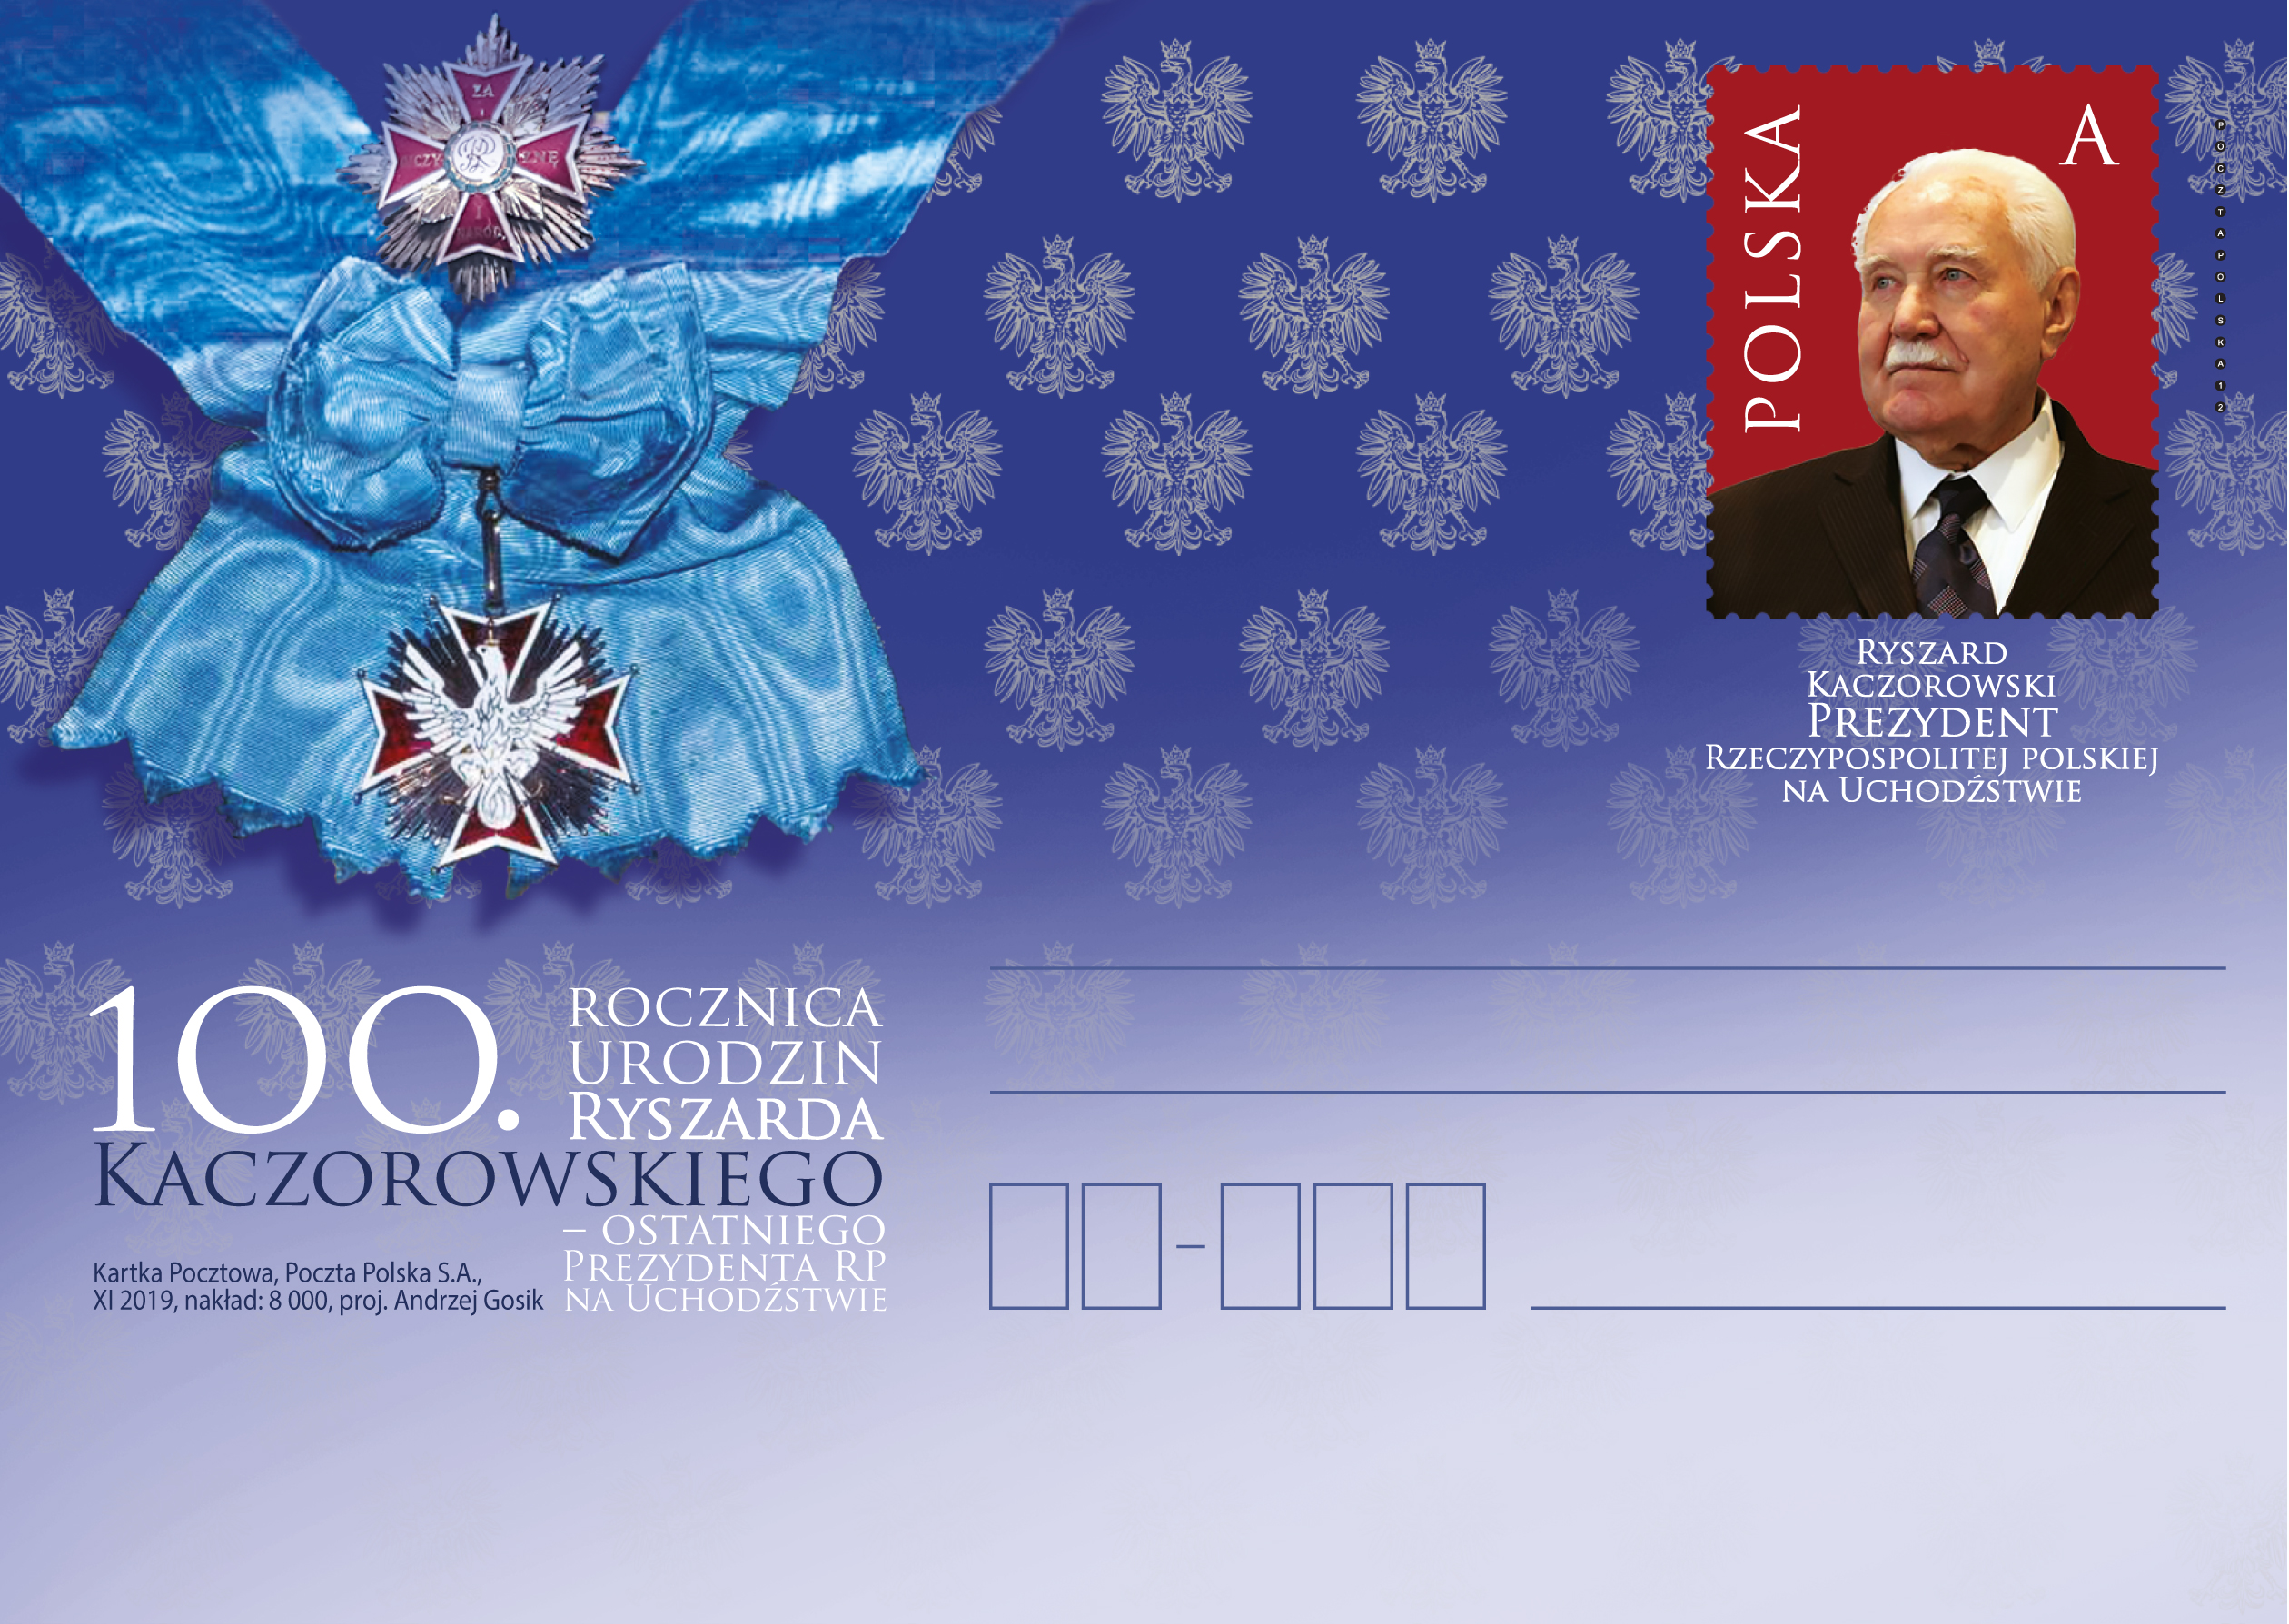 波兰11月24日发行雷沙尔德・卡丘罗夫斯基诞辰100周年邮资片